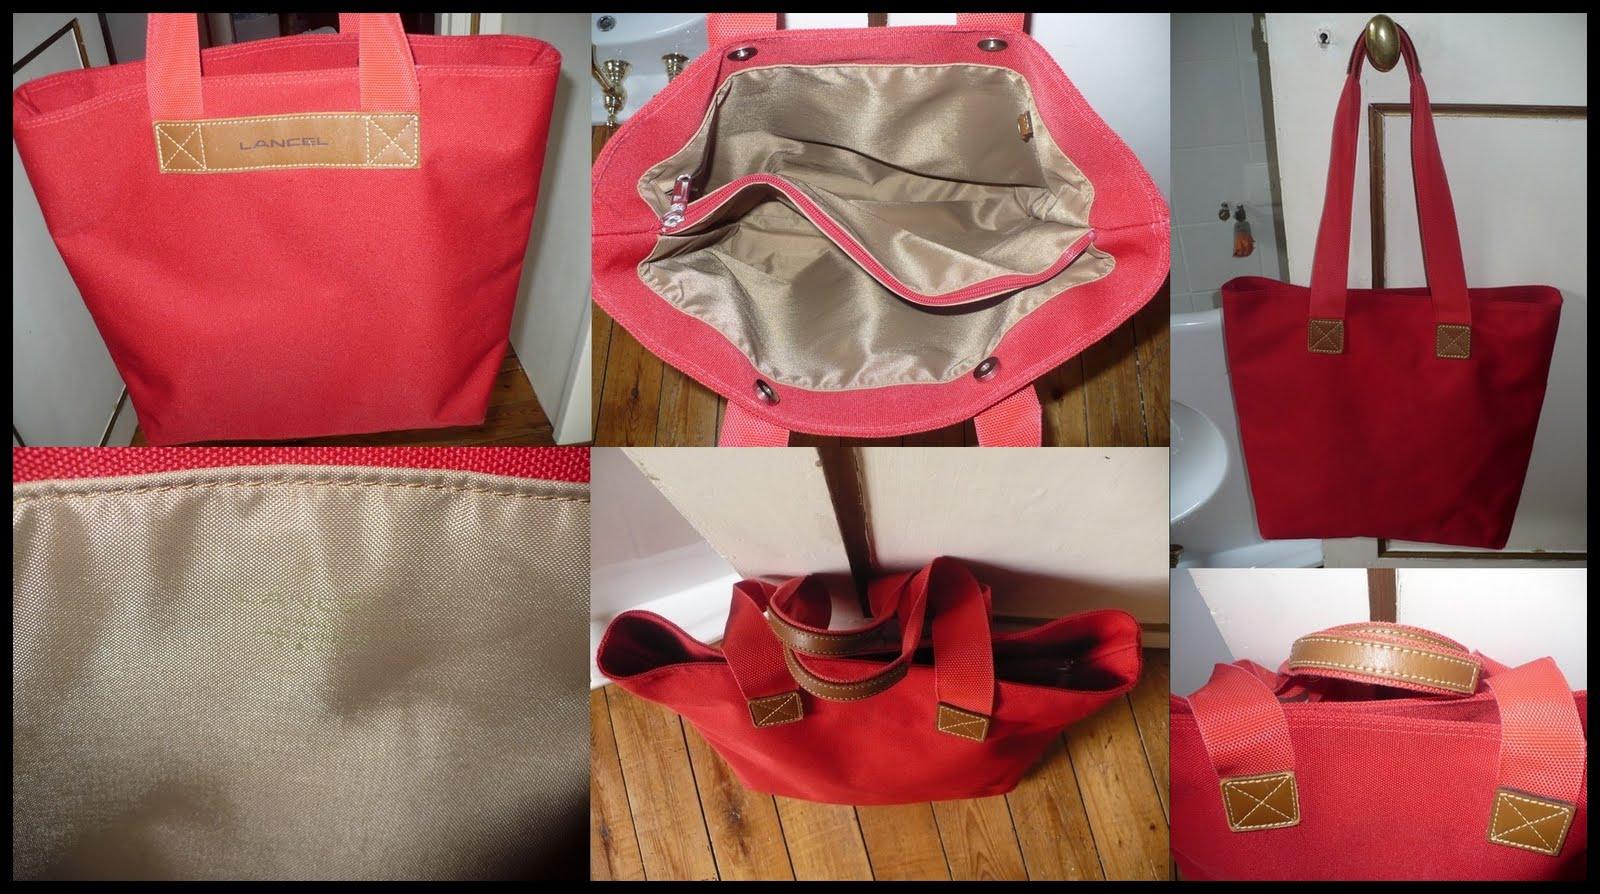 99bf119aeb Sac à main LANCEL de forme cabas en toile rouge et empiécements en  véritable cuir marron. La marque est inscrite sur le devant et à  l'intérieur ( 1ere ...